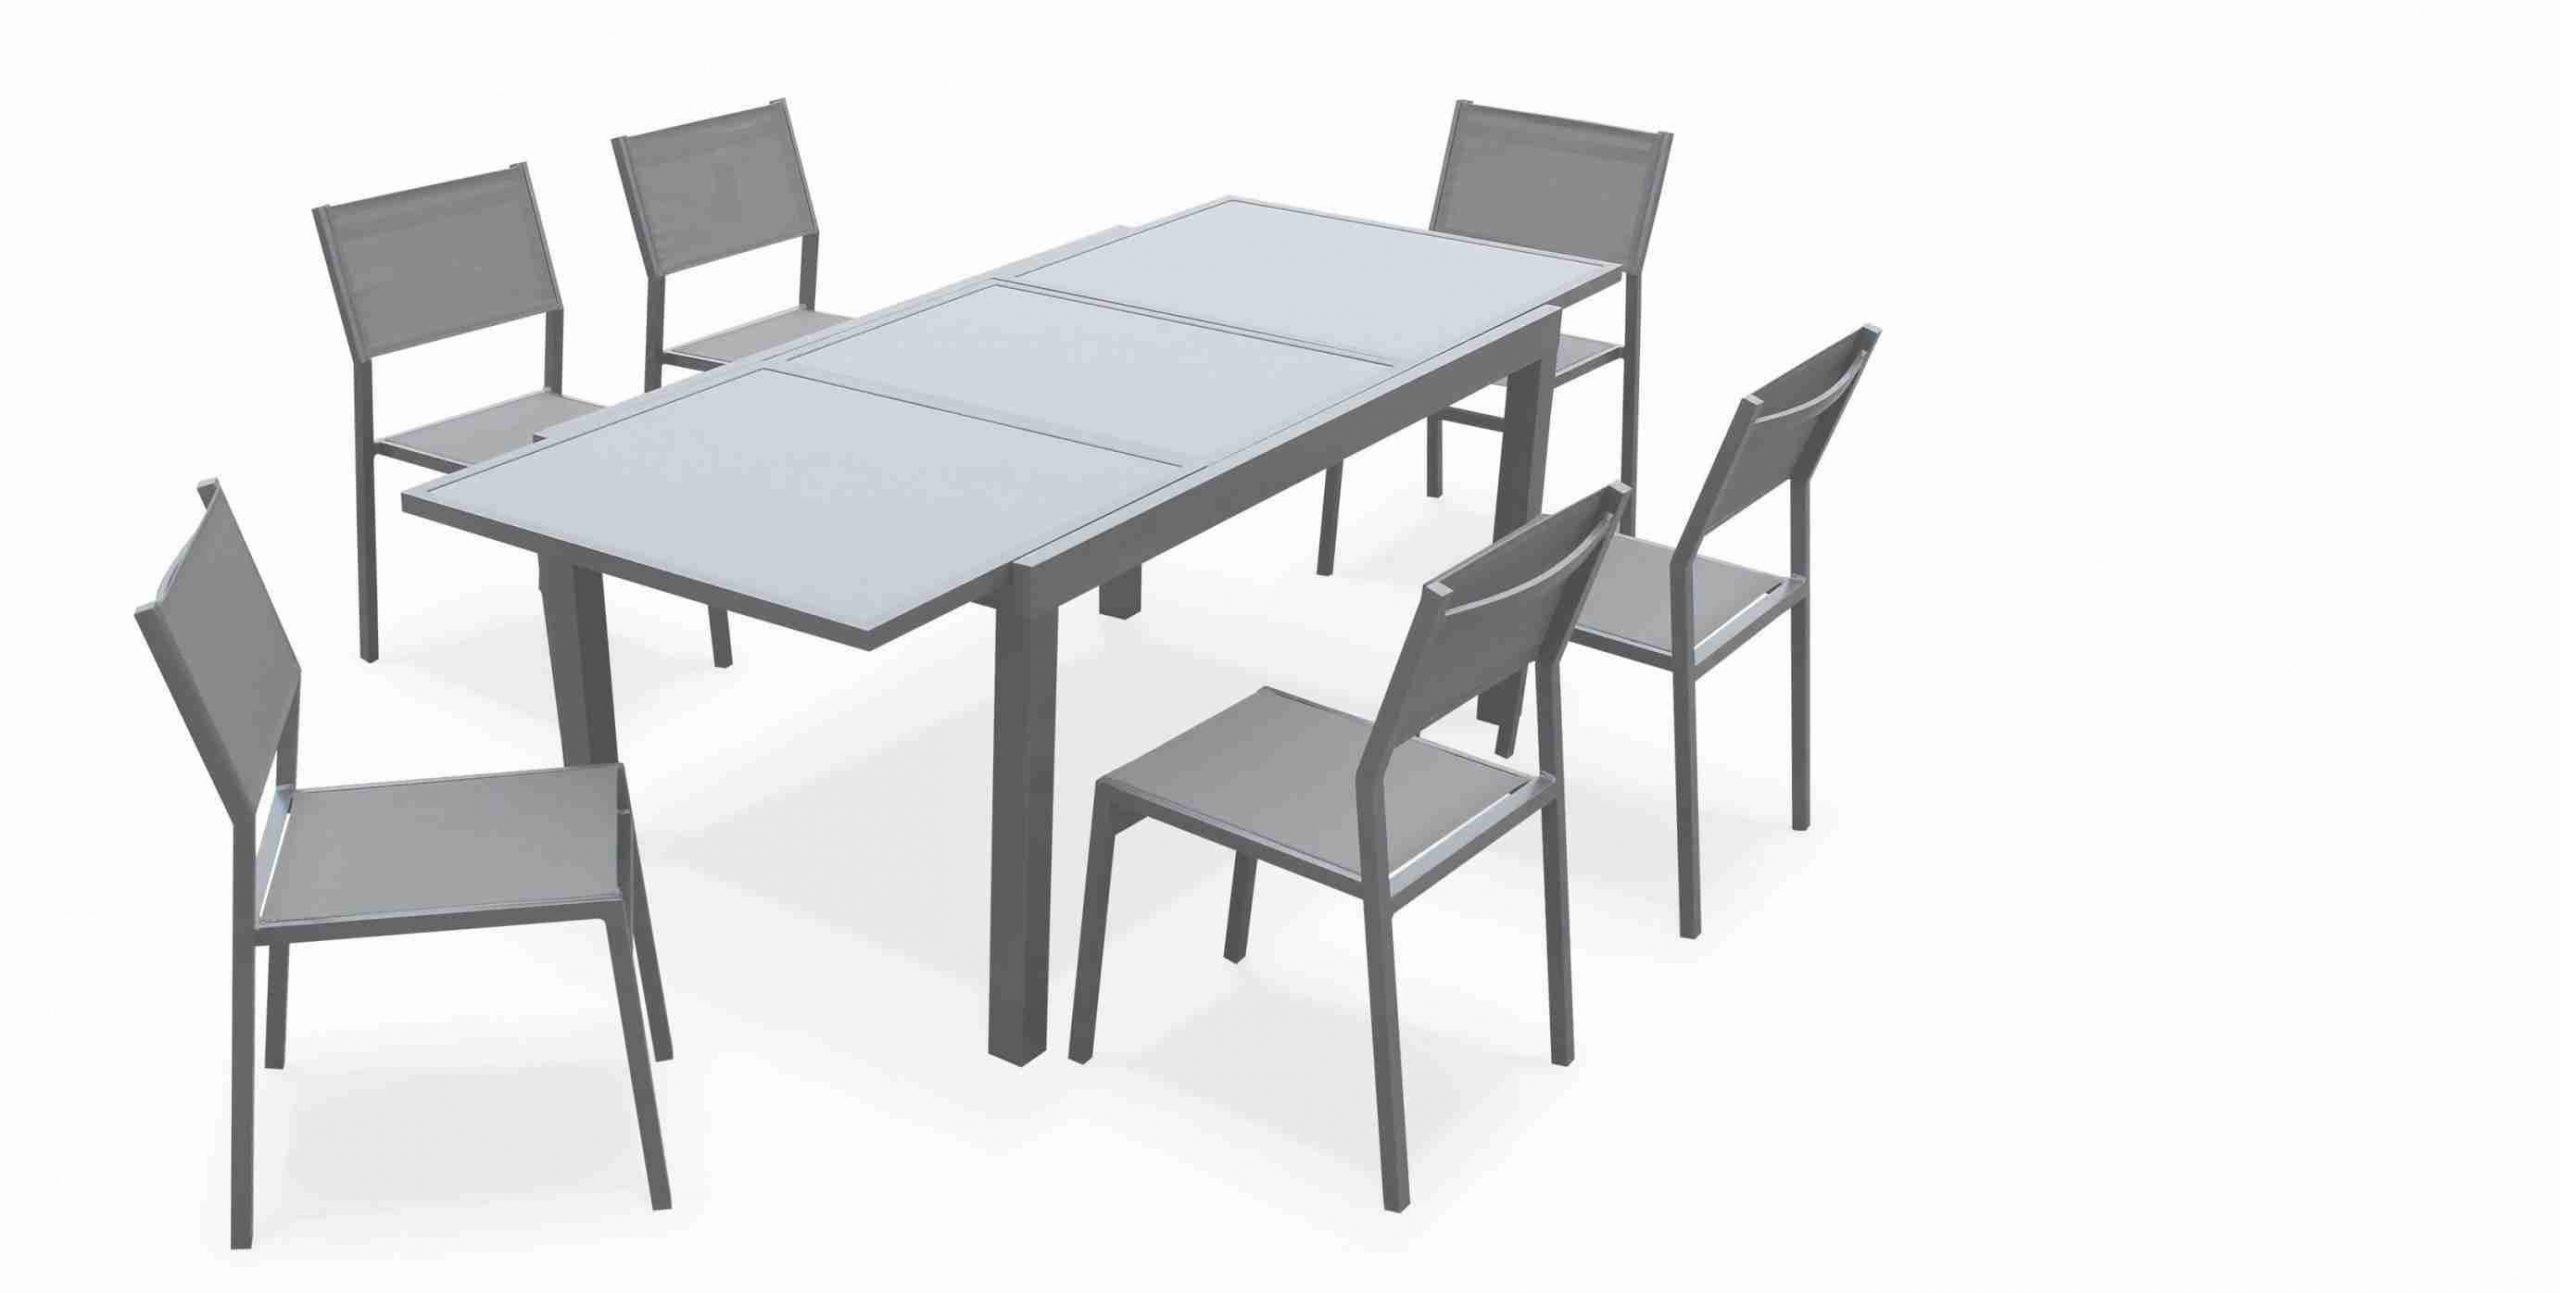 4 X Chaises De Jardin En Aluminium Pas Cher 180 Chaise De ... concernant Table De Jardin En Aluminium Avec Rallonge